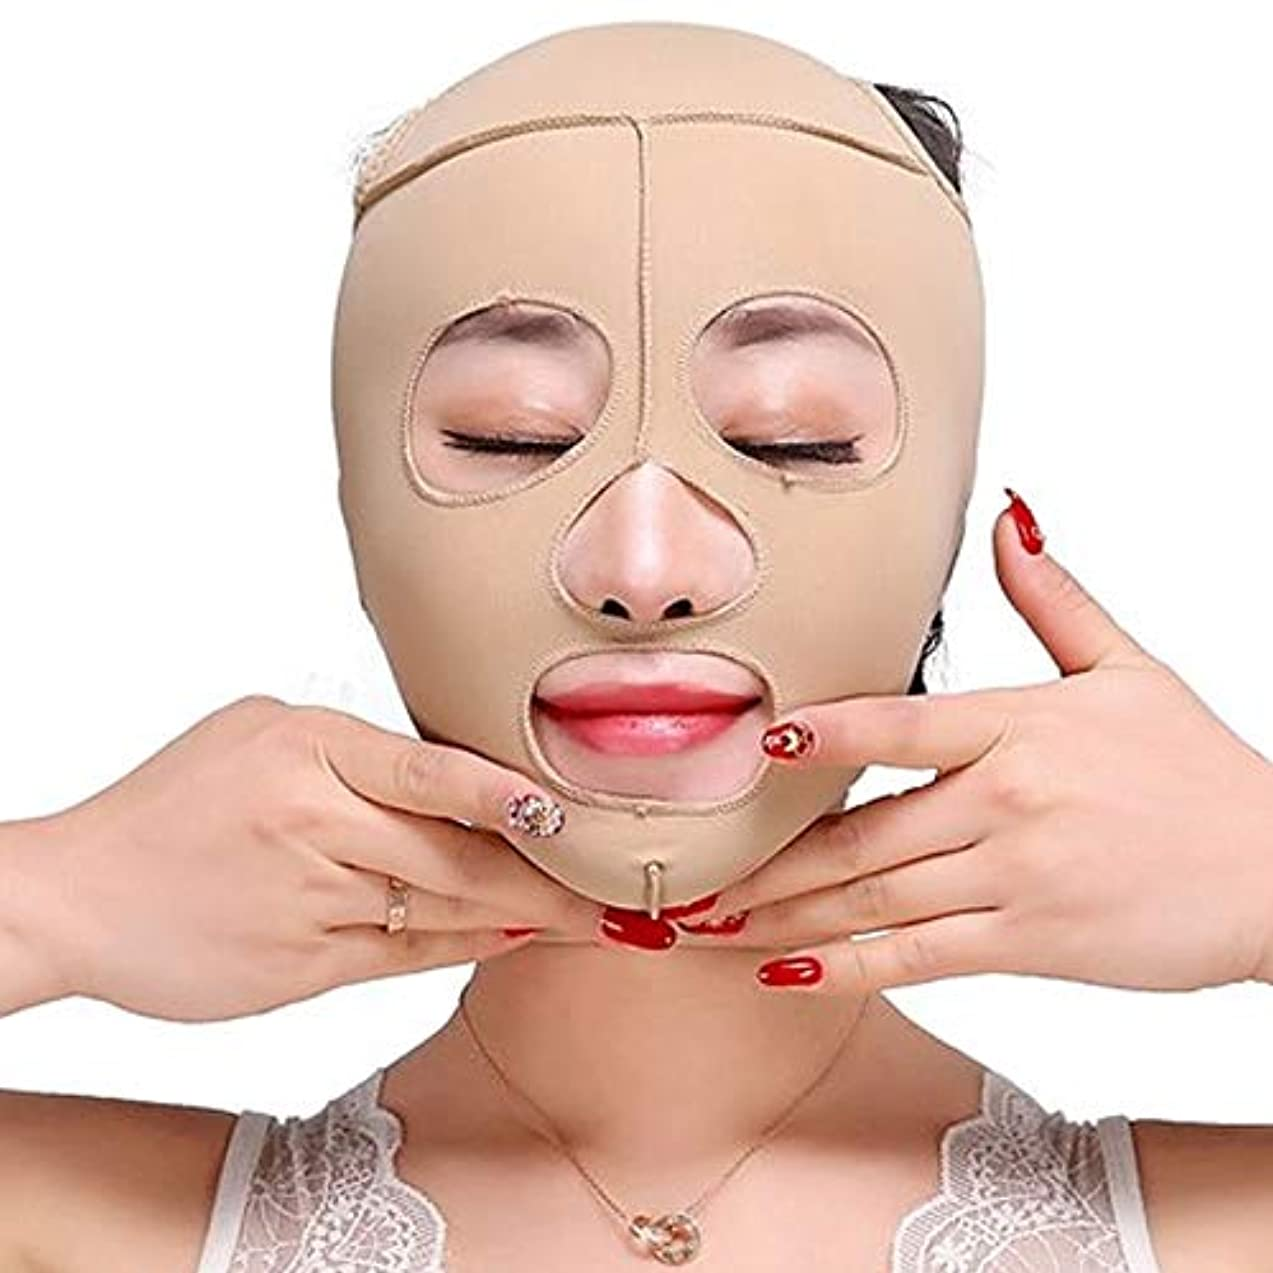 排泄物クレデンシャル武器Jia Jia- フェイスリフティングアーティファクト睡眠薄い顔顔の顔薄い顔V顔マスク二重あご薄い顔包帯肌色 顔面包帯 (サイズ さいず : XL)